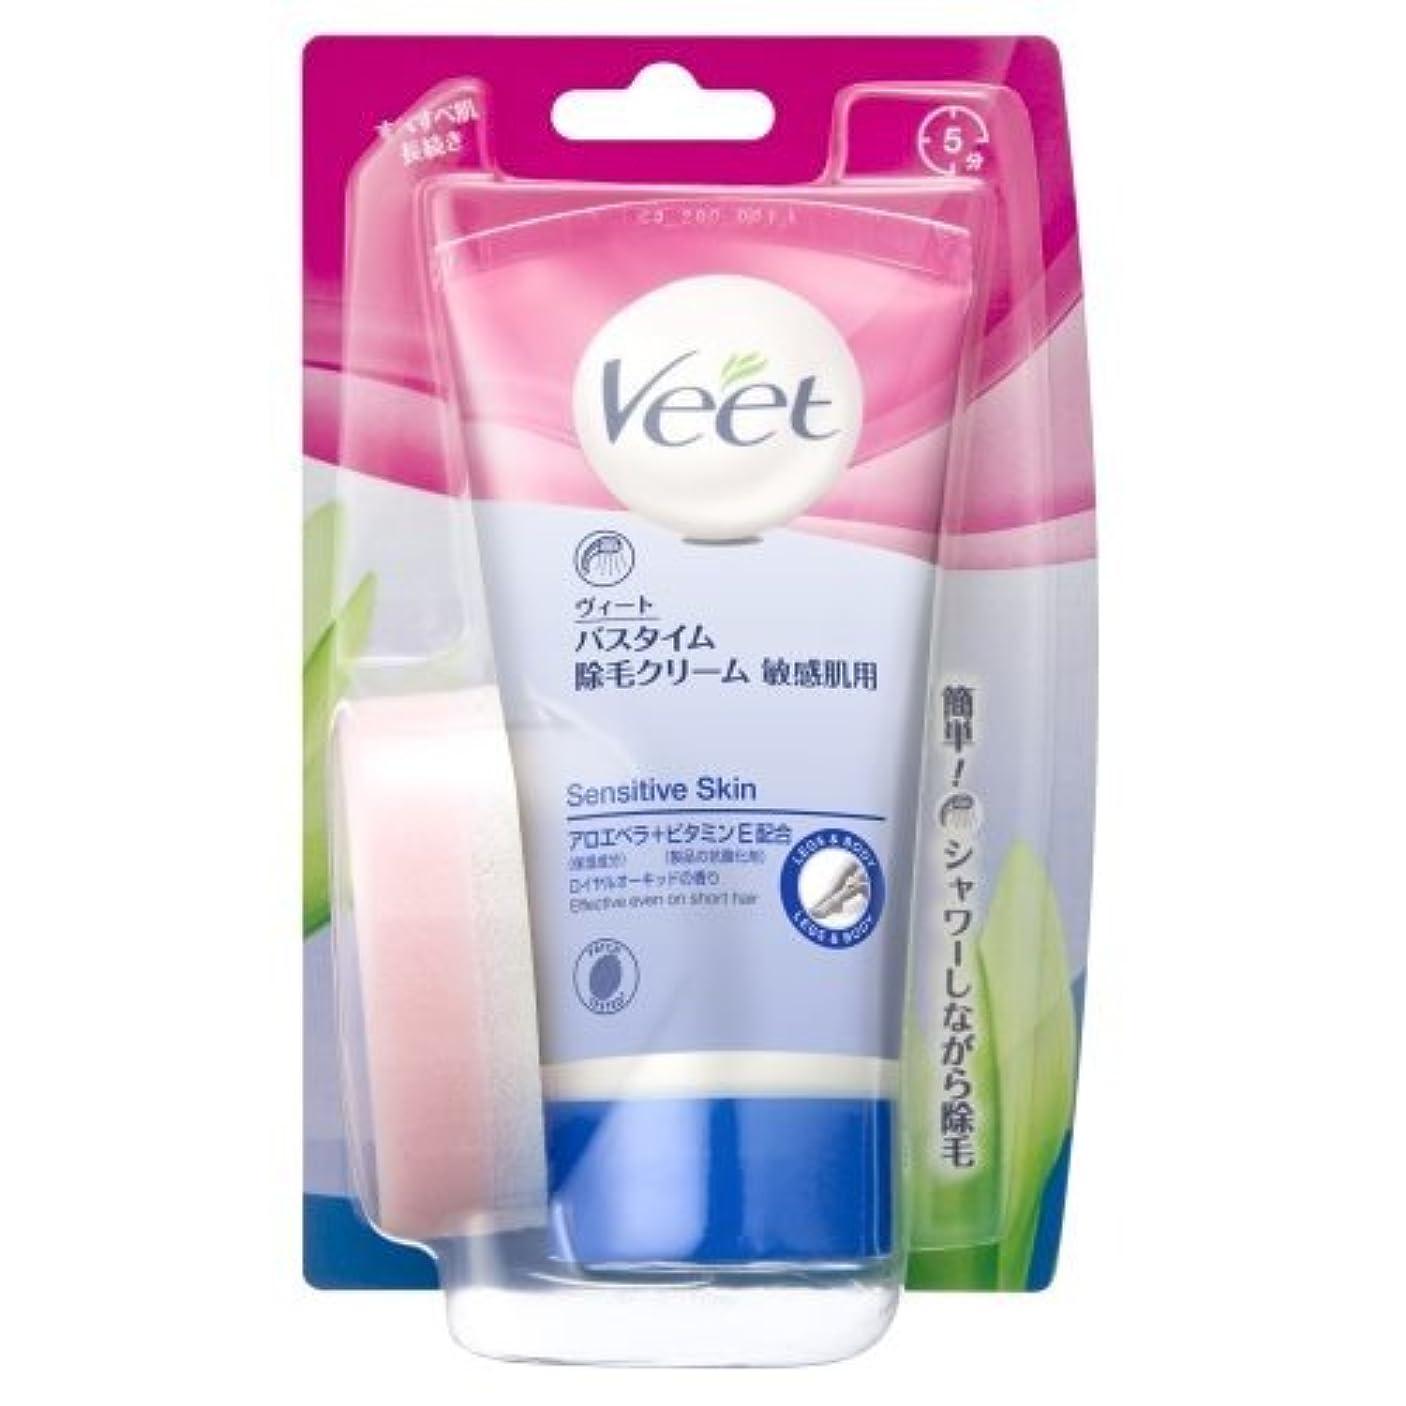 マニアピース会計士ヴィート バスタイム 除毛クリーム 敏感肌用 150g (Veet In Shower Hair Removal Cream Sensitive 150g)